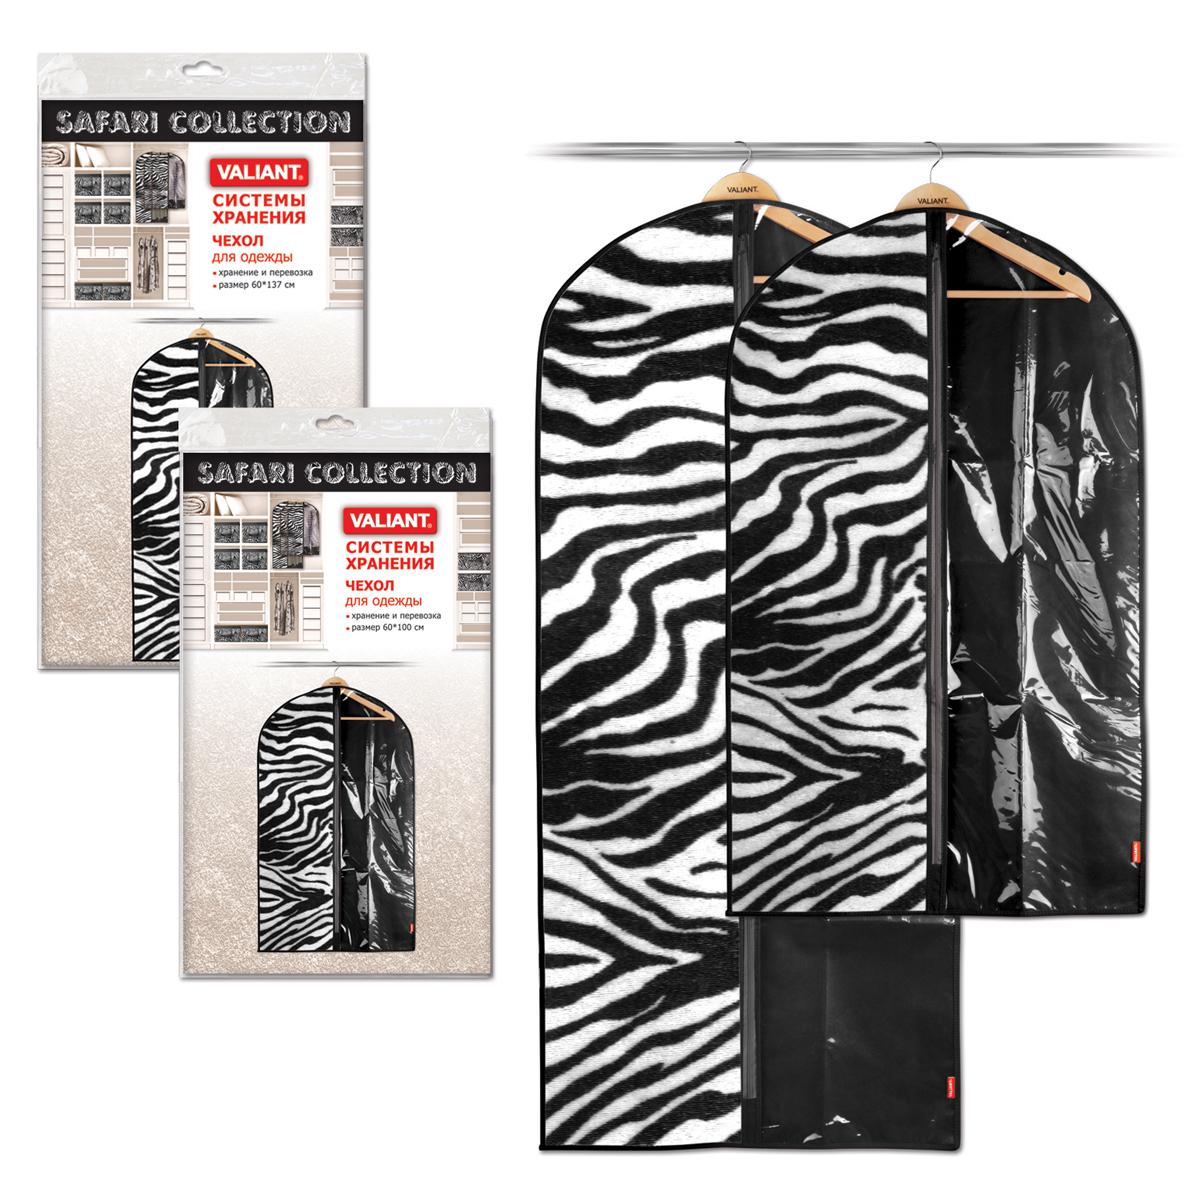 Набор чехлов для одежды Valiant Зебра, с прозрачной вставкой, 2 штZC005/ZC006Набор Valiant Зебра, изготовленный из высококачественного нетканого материала с оригинальной расцветкой, состоит из 2 удобных чехлов для одежды на застежках-молниях. Материал позволяет воздуху свободно проникать внутрь, не пропуская пыль. Такой чехол обеспечит надежное хранение вашей одежды. Он защитит ее от повреждений, пыли, моли, влаги и загрязнений во время хранения и транспортировки. Прозрачная вставка позволит вам видеть одежду, находящуюся в чехле. Комплектация: 2 шт. Размер чехлов: 60 см х 100 см; 60 см х 137 см.